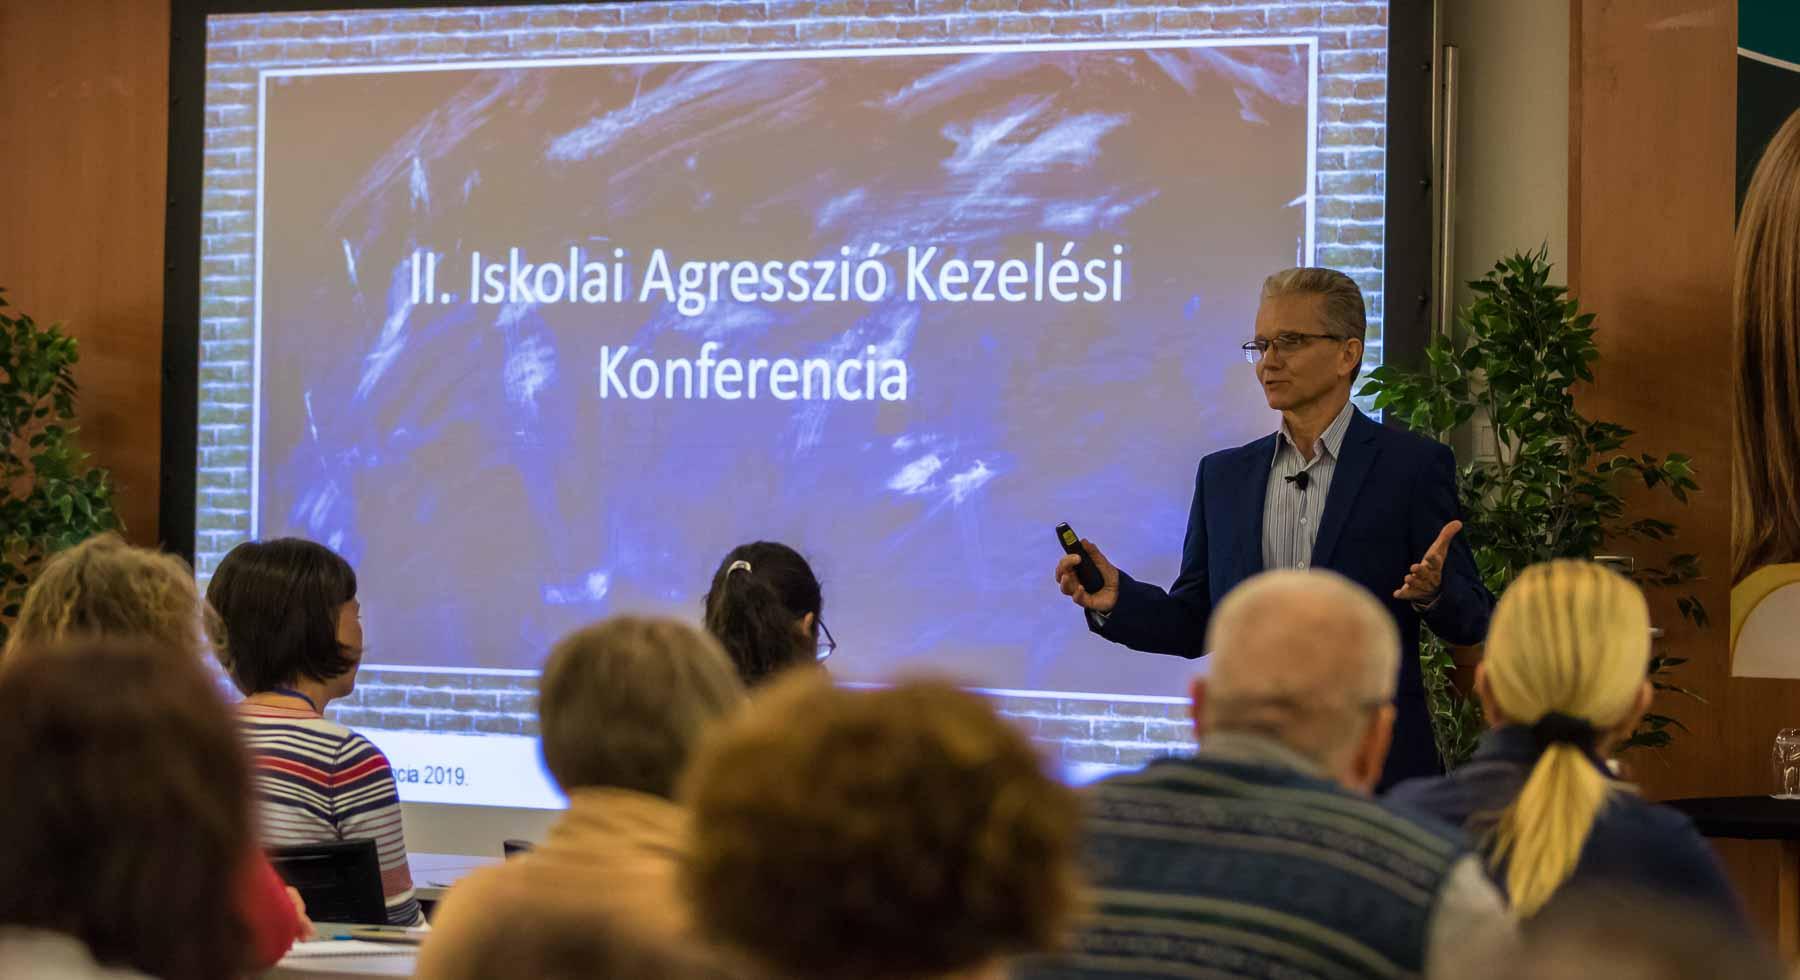 Ilyen volt a Pedagógus Konferencia belülről - Novák Ferenc